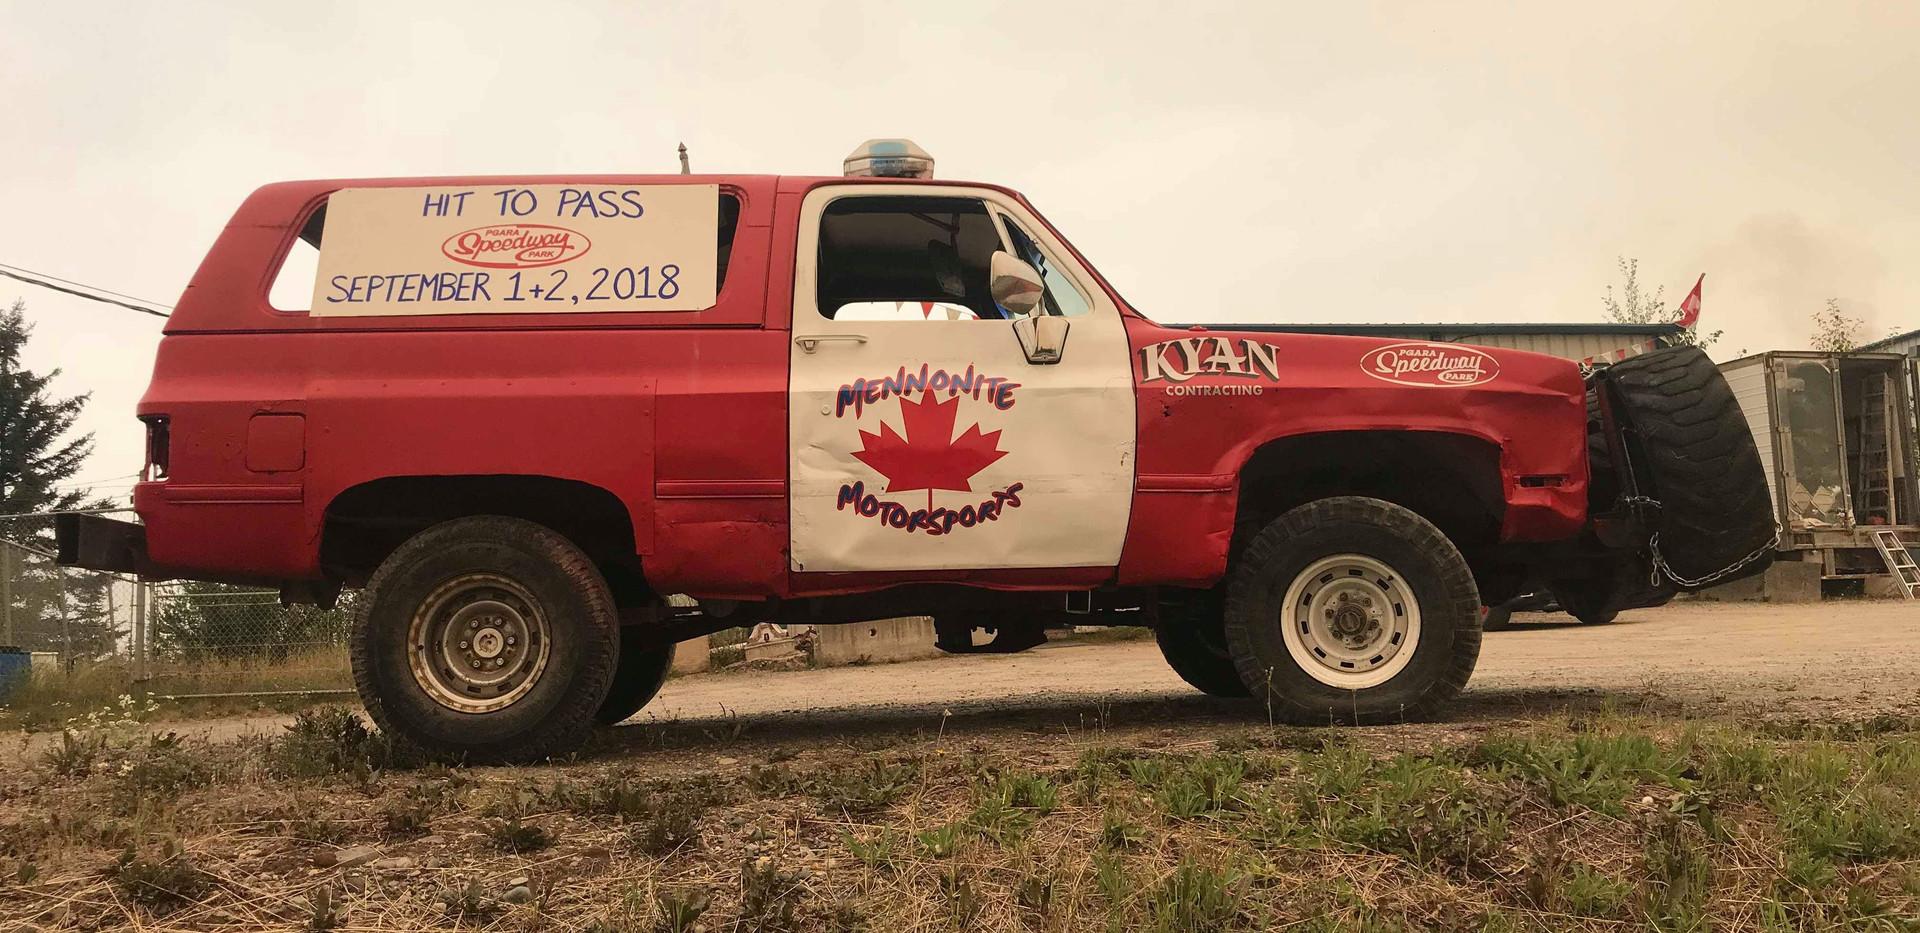 2018 HTP Crash truck